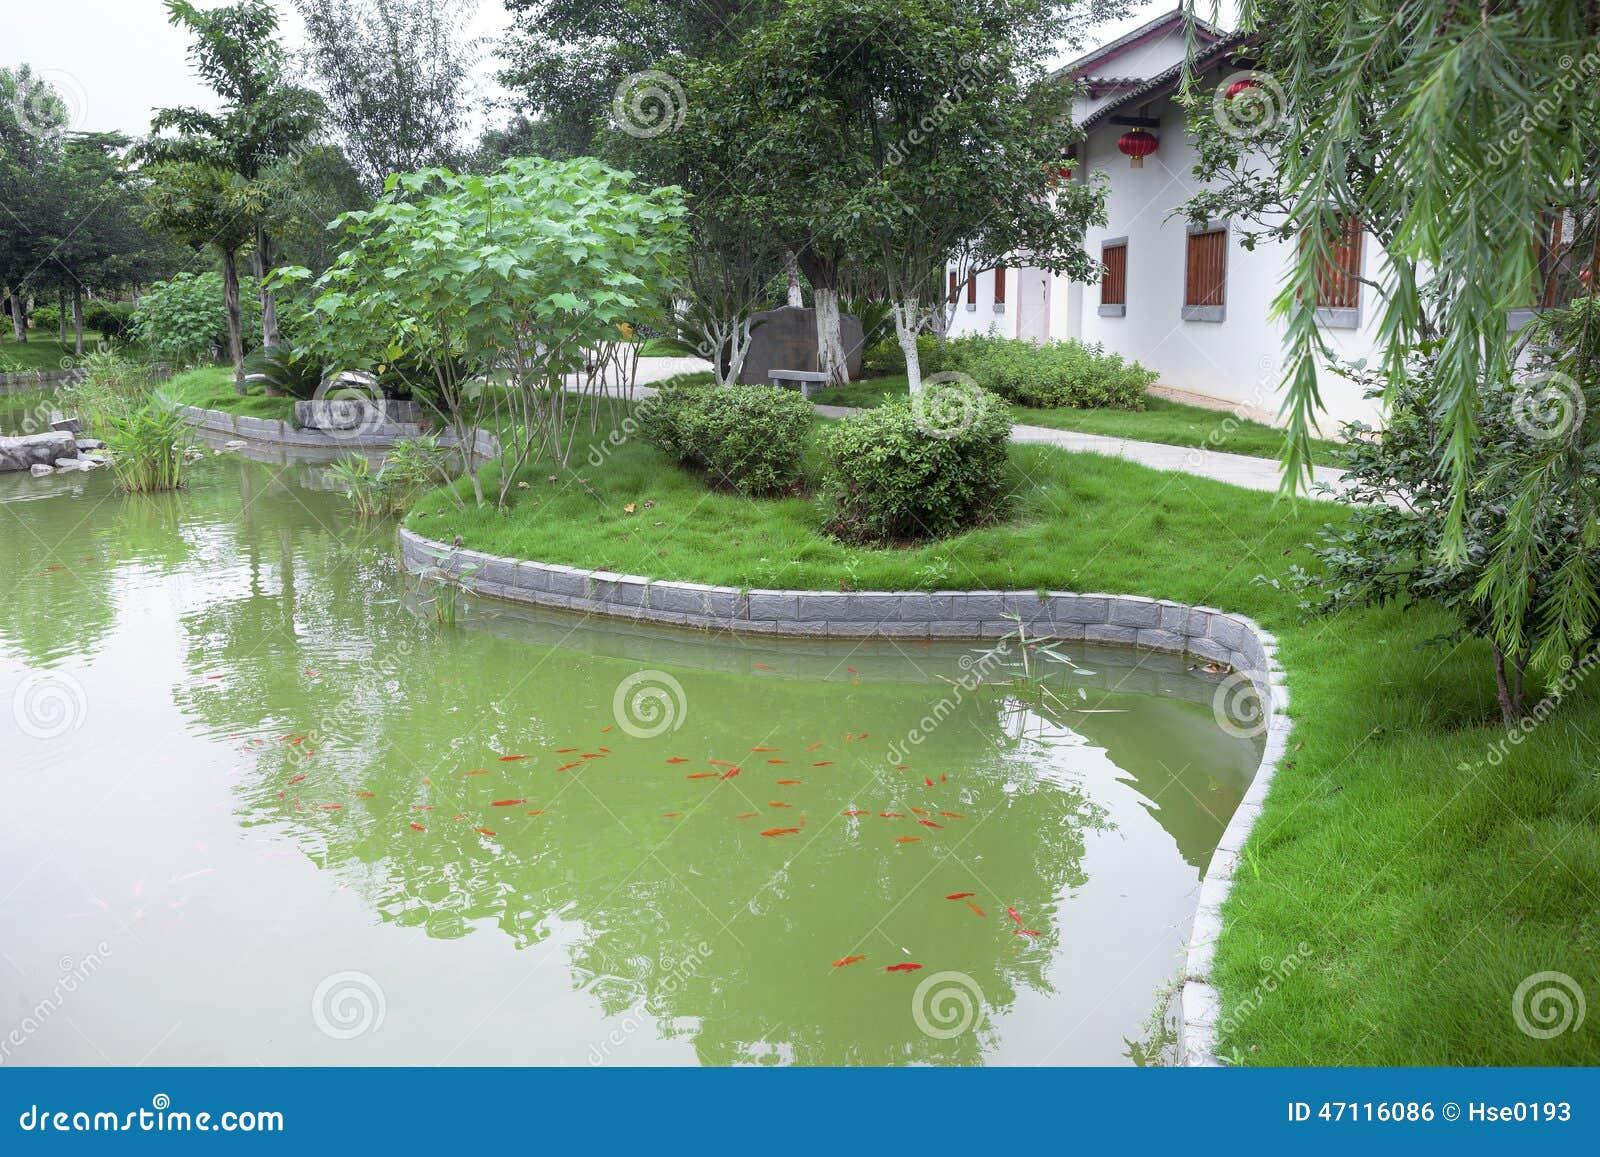 Jardin chinois avec l 39 tang poissons photo stock image for Etang jardin